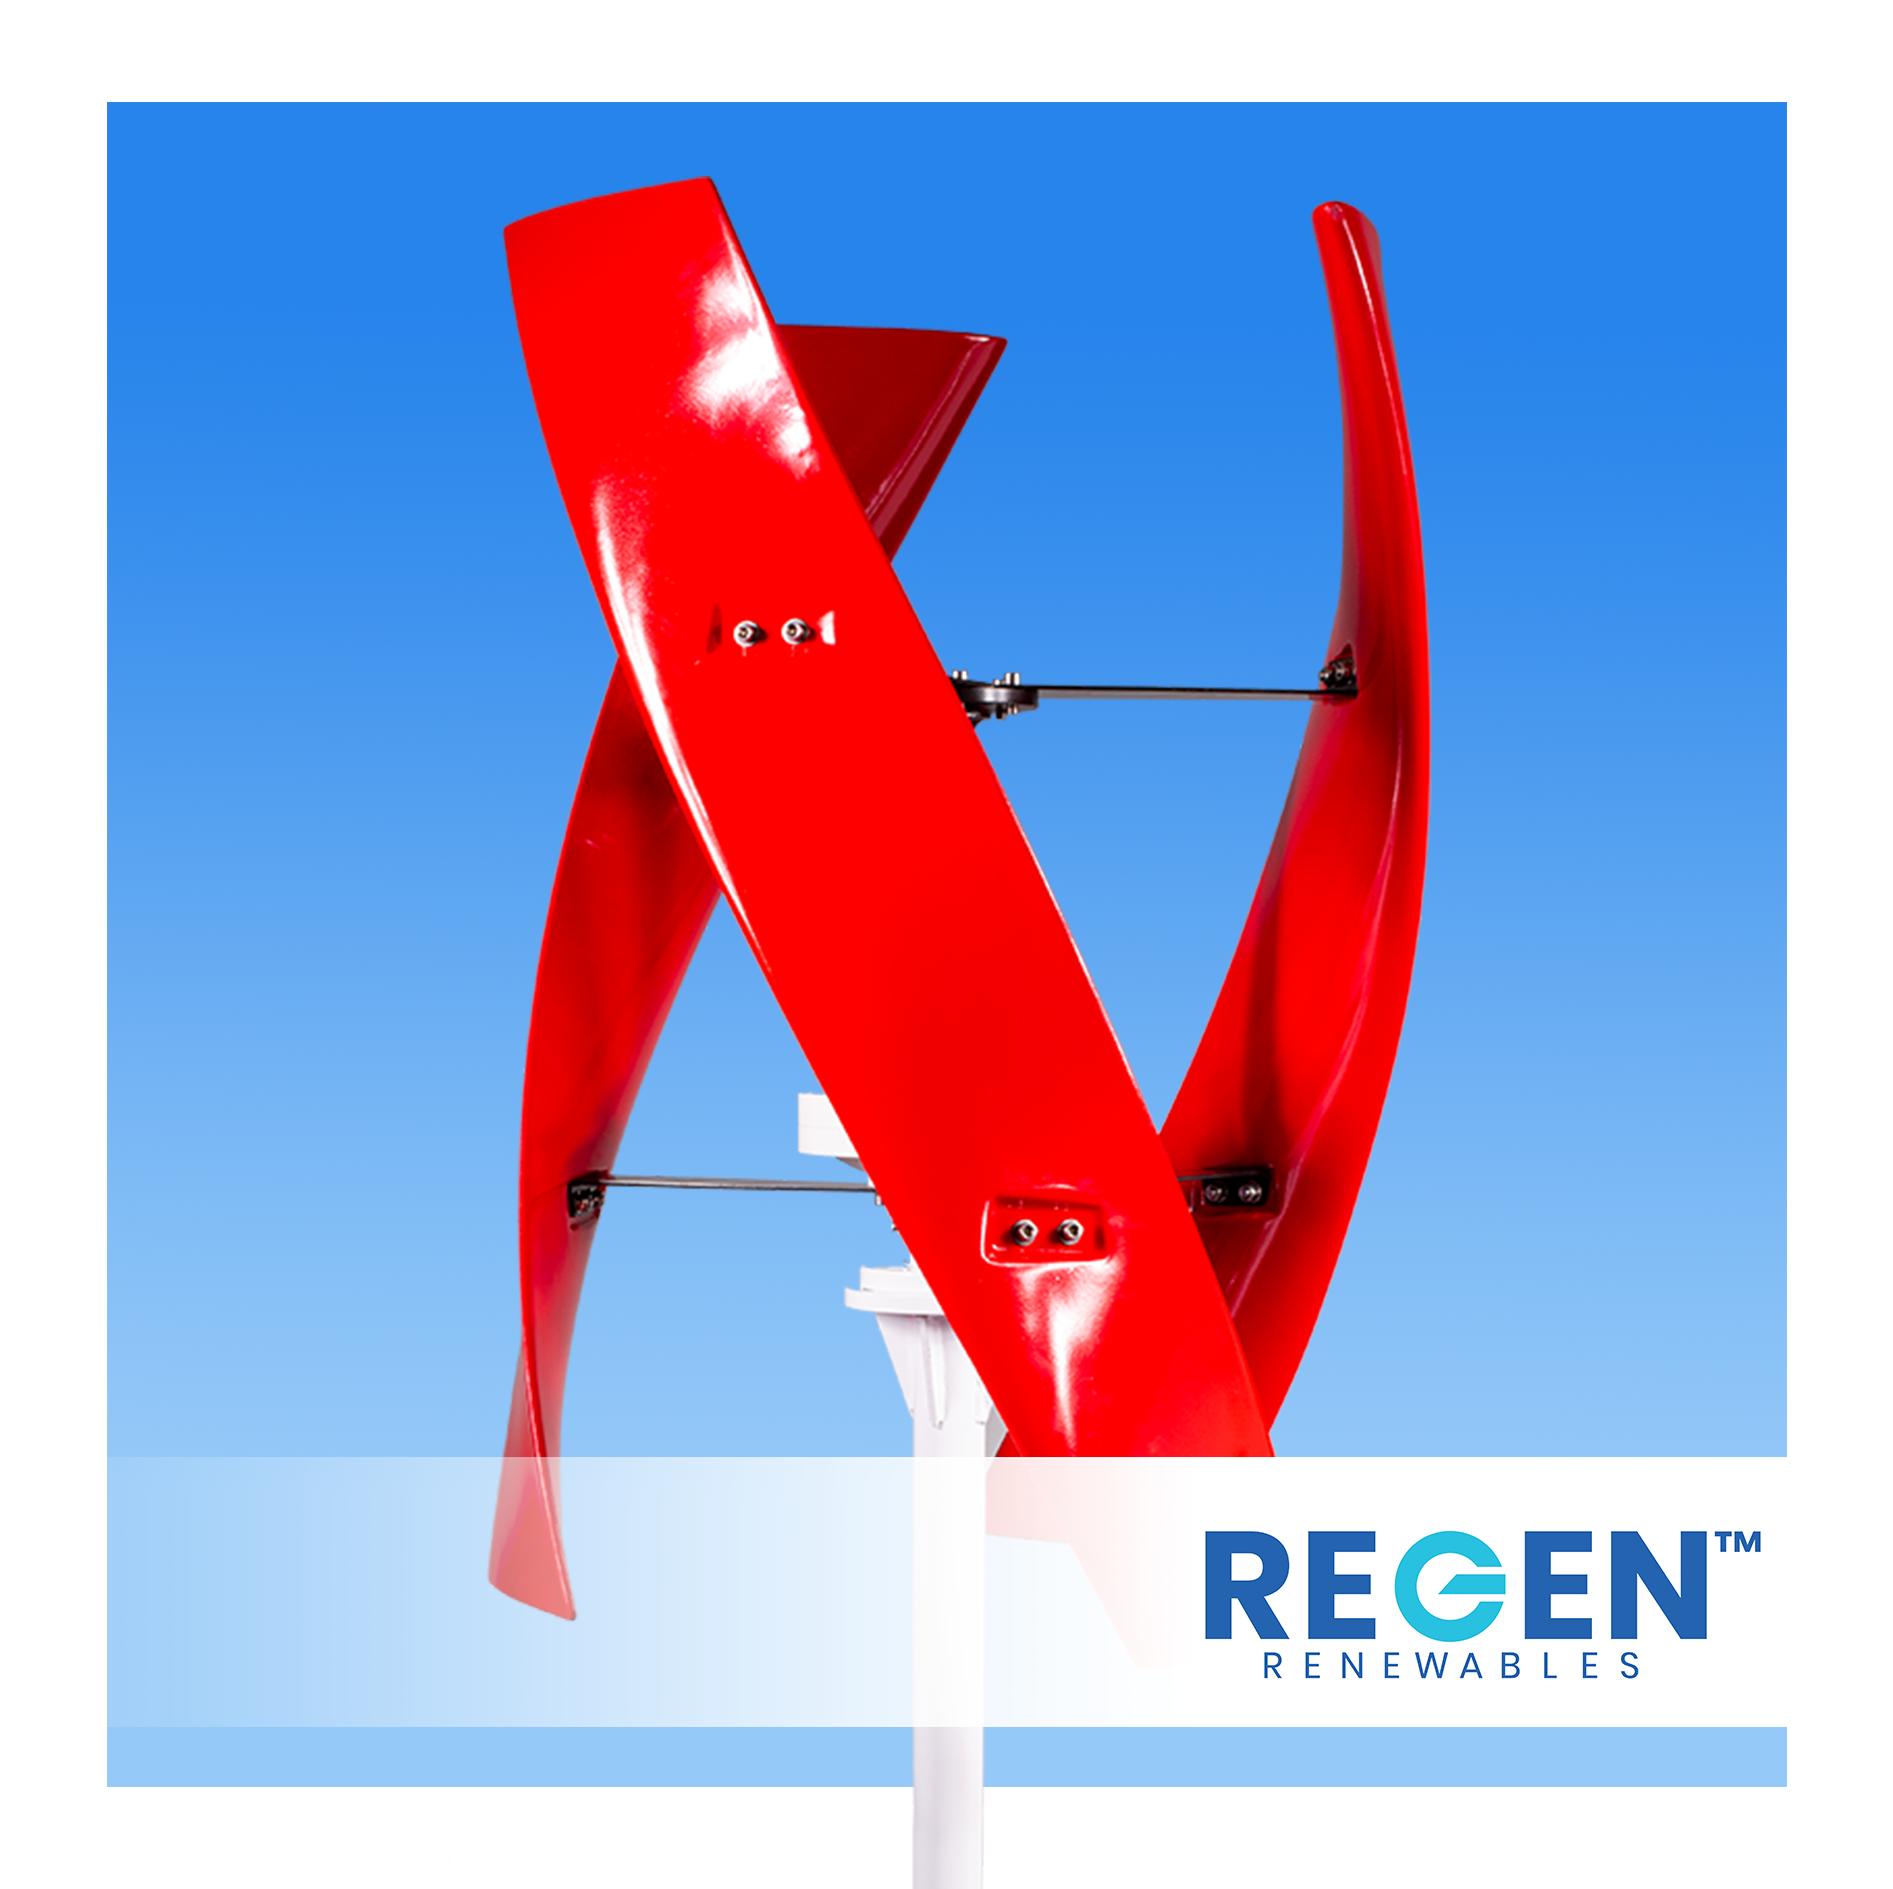 ReGen_VT FX600W 24V 3 Blade Image